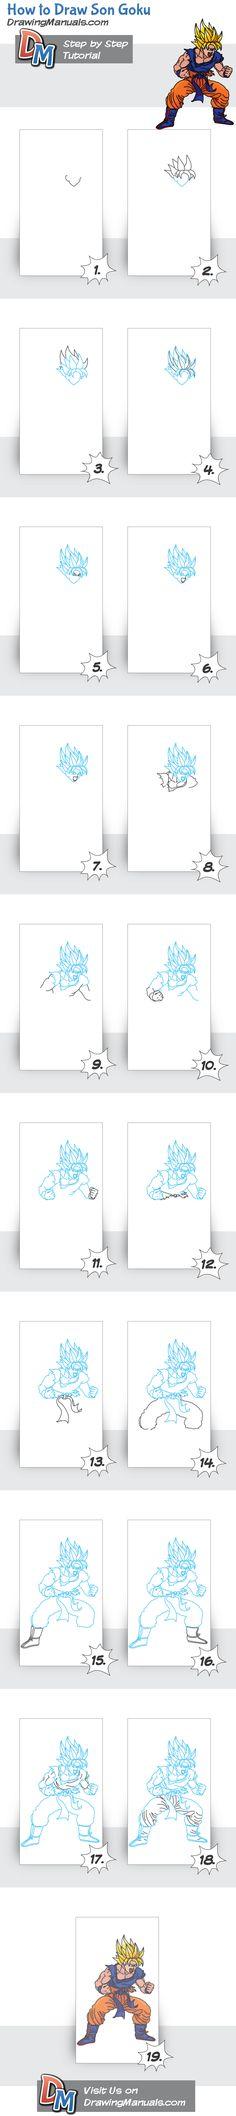 How to Draw Son Goku